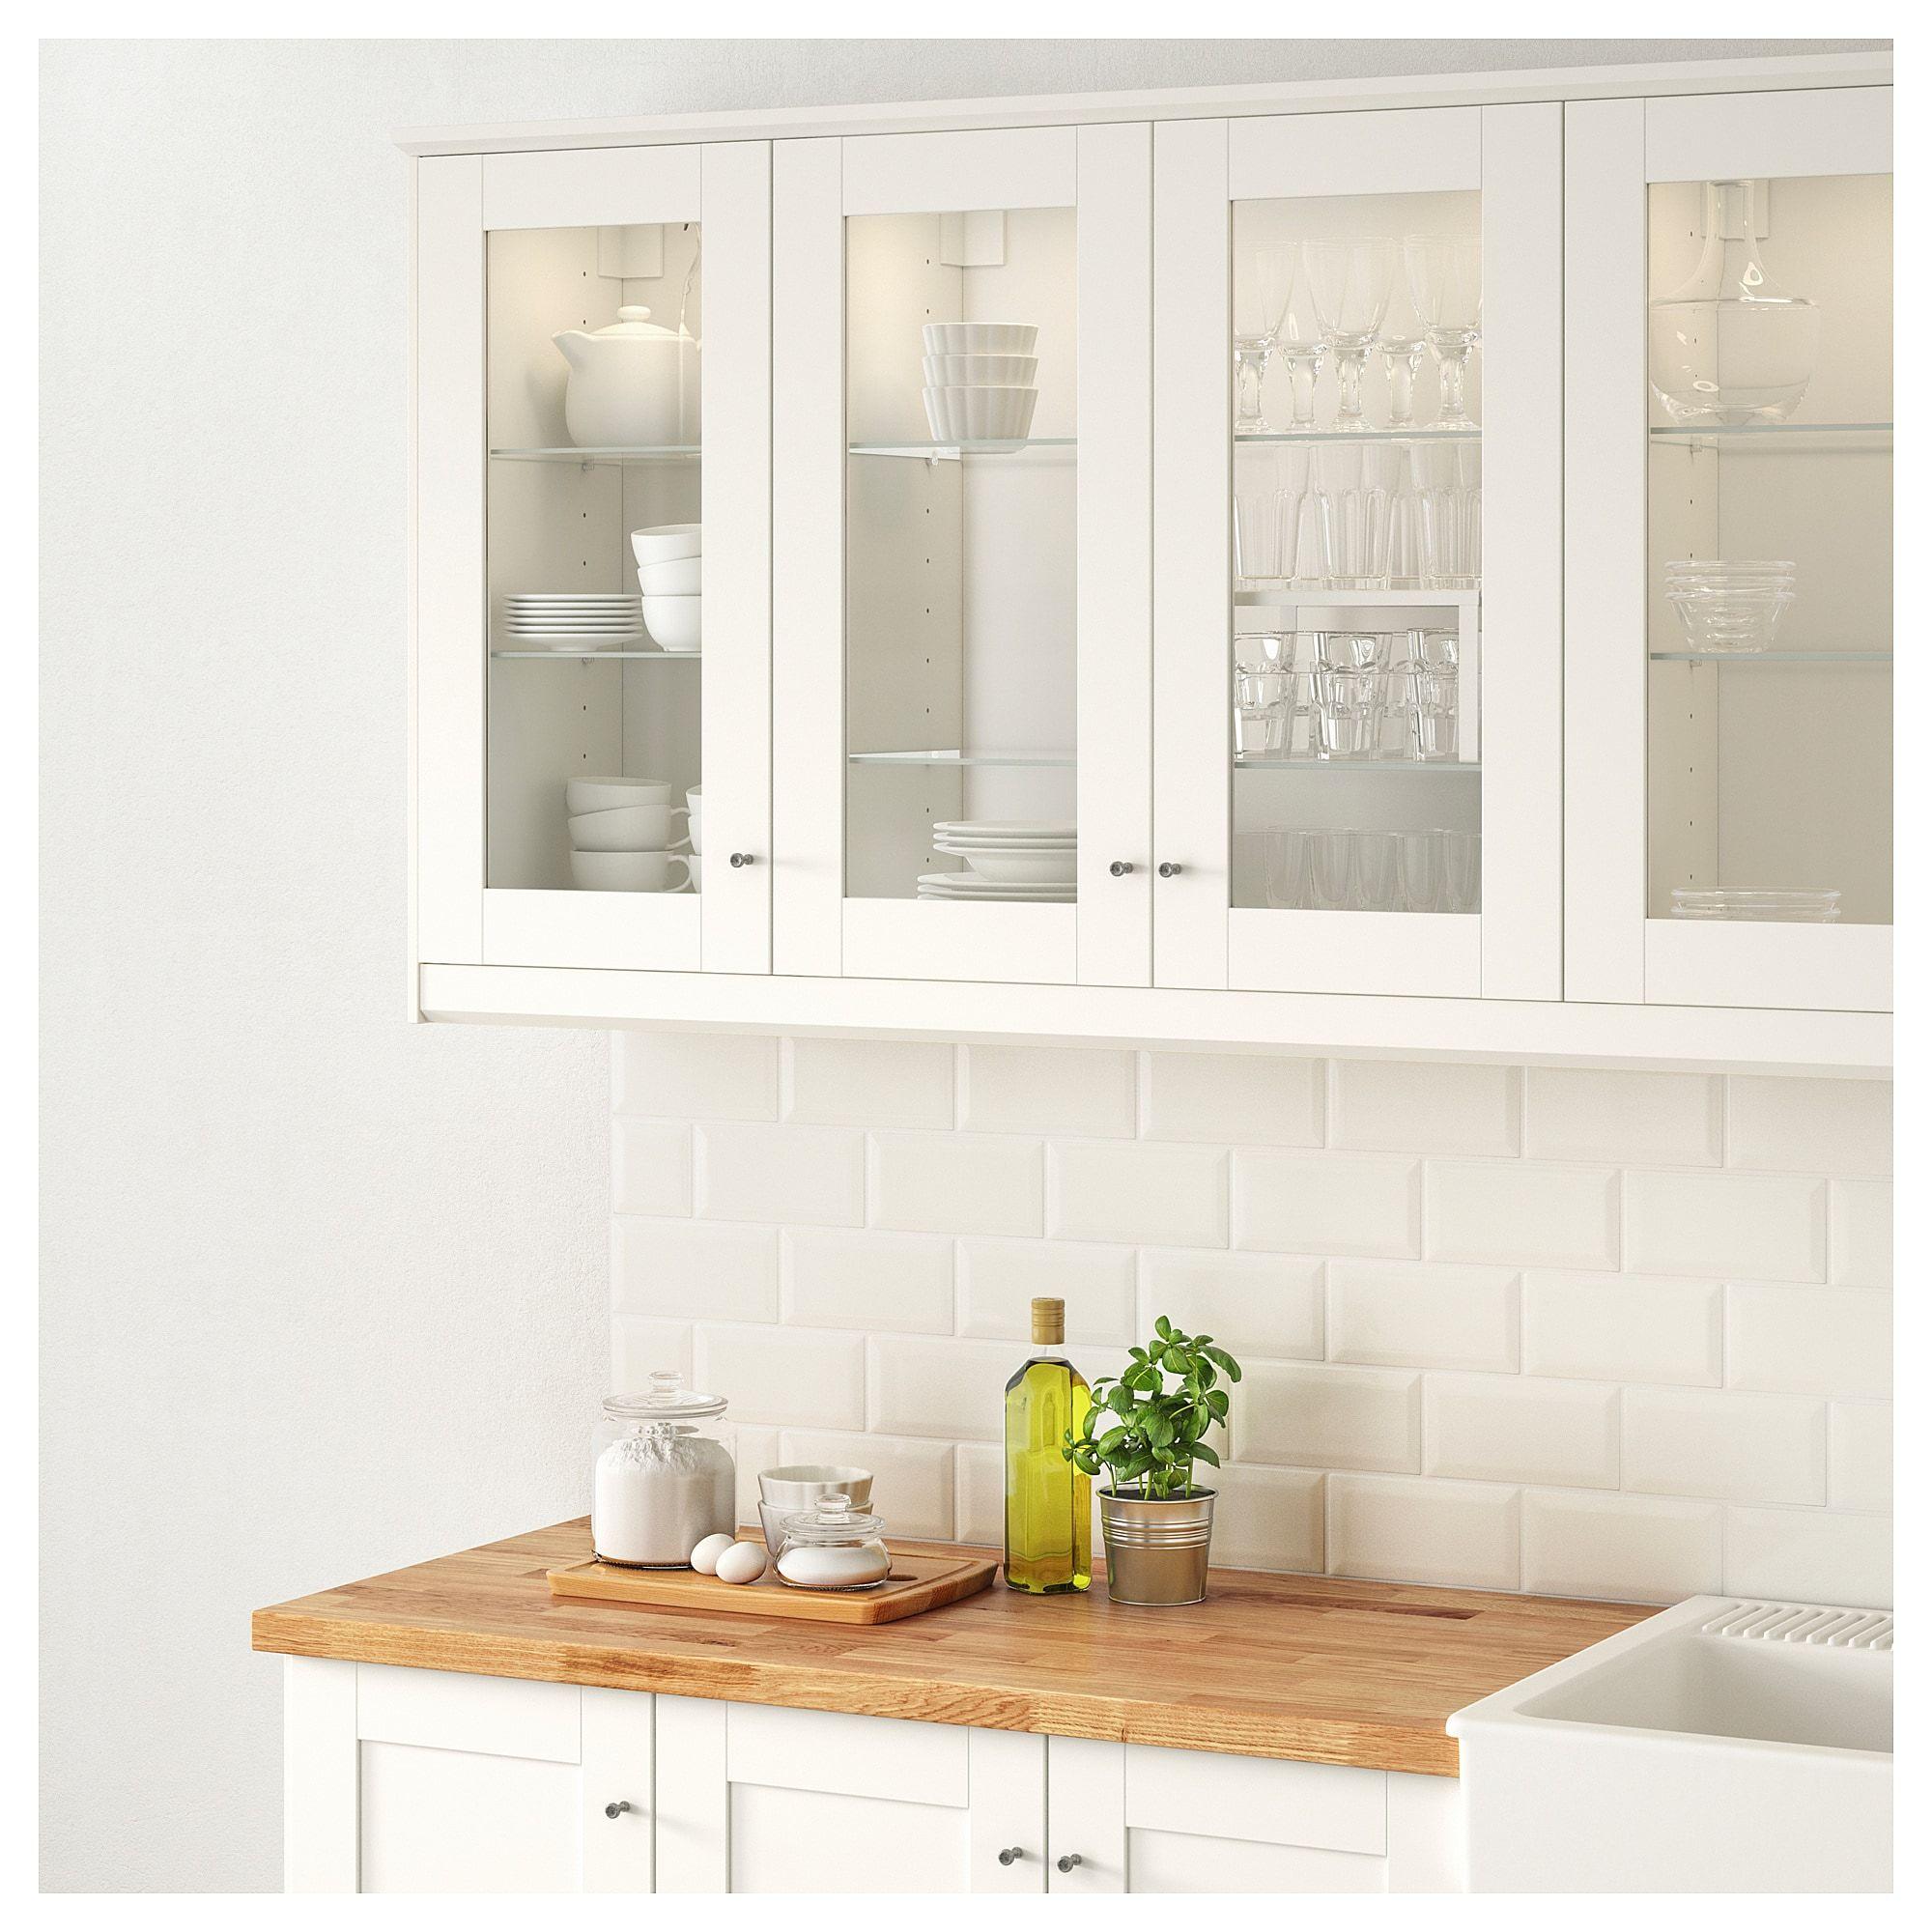 Küchenschränke um kühlschrank sÄvedal vitrinedør hvit  kitchen  pinterest  neue wohnung ikea